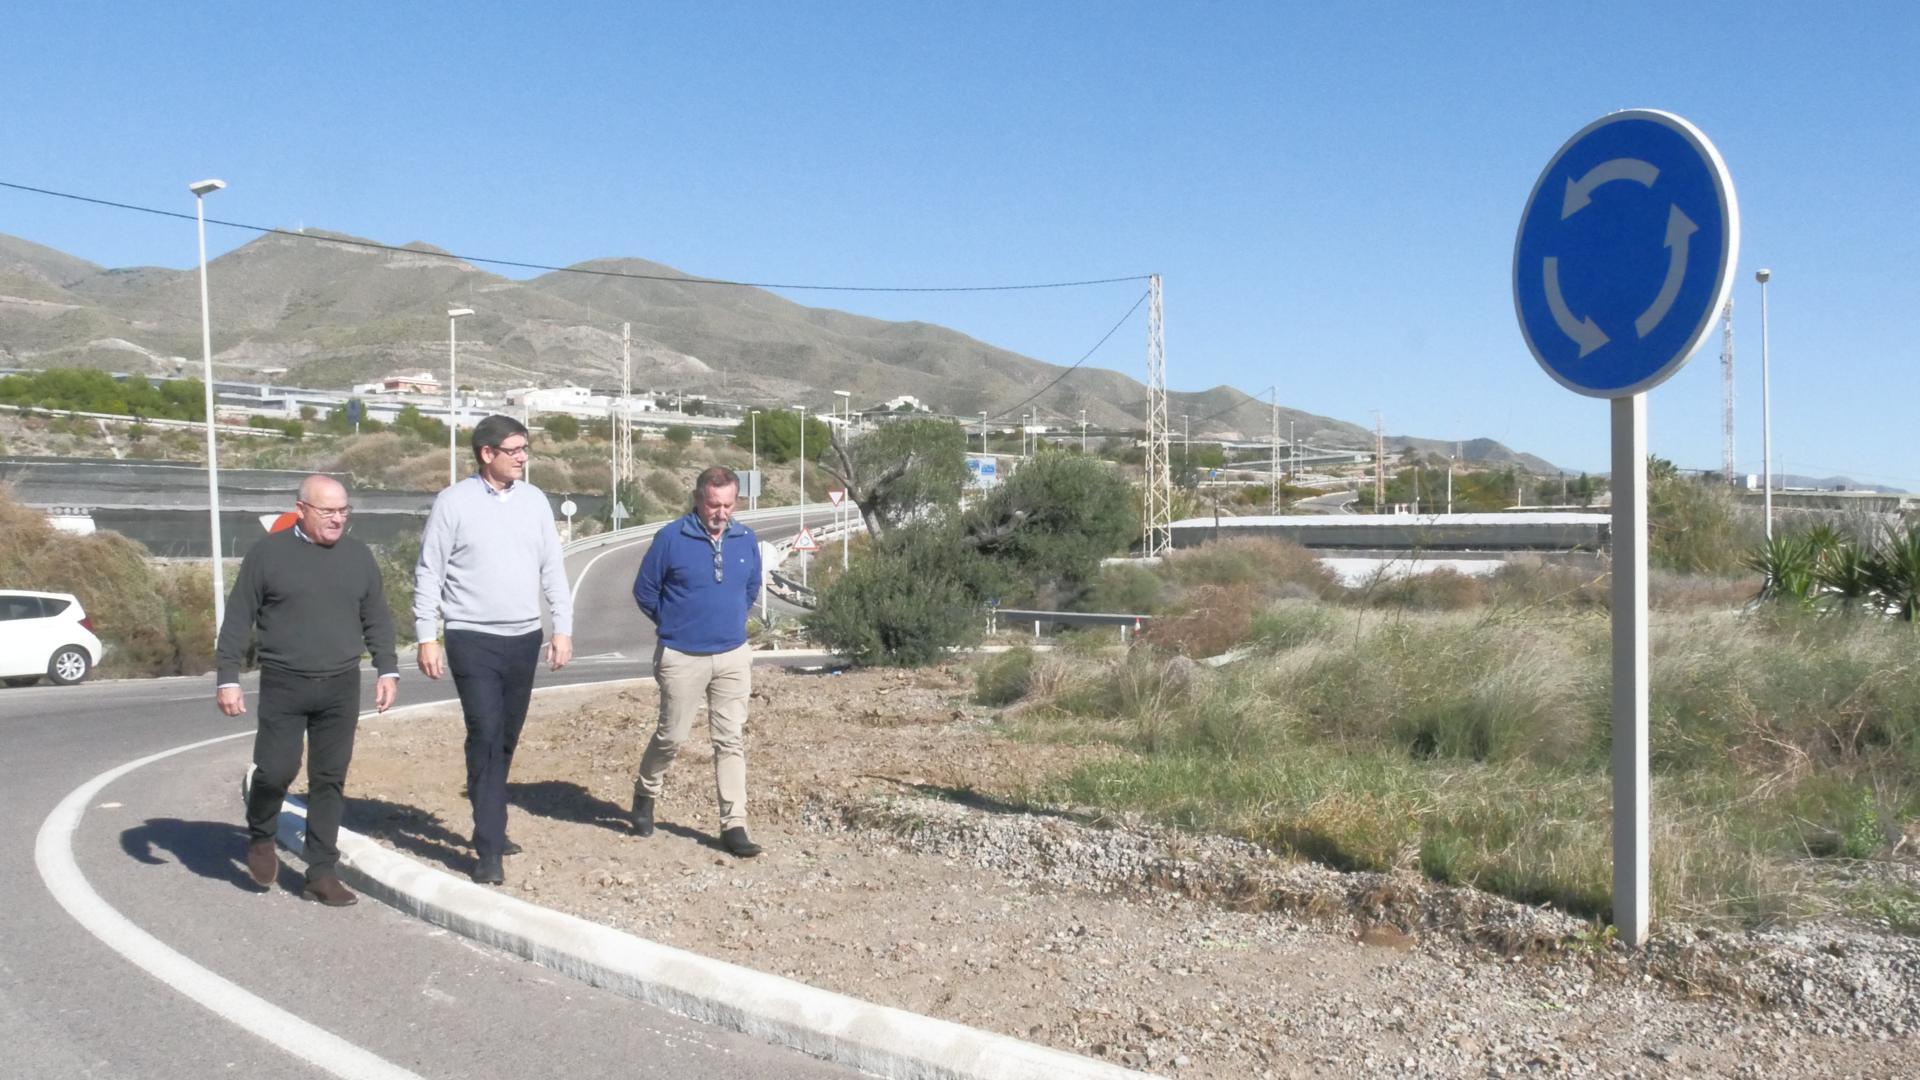 Obras de mejora y embellecimiento en el acceso de la A-7 a Adra por Guainos